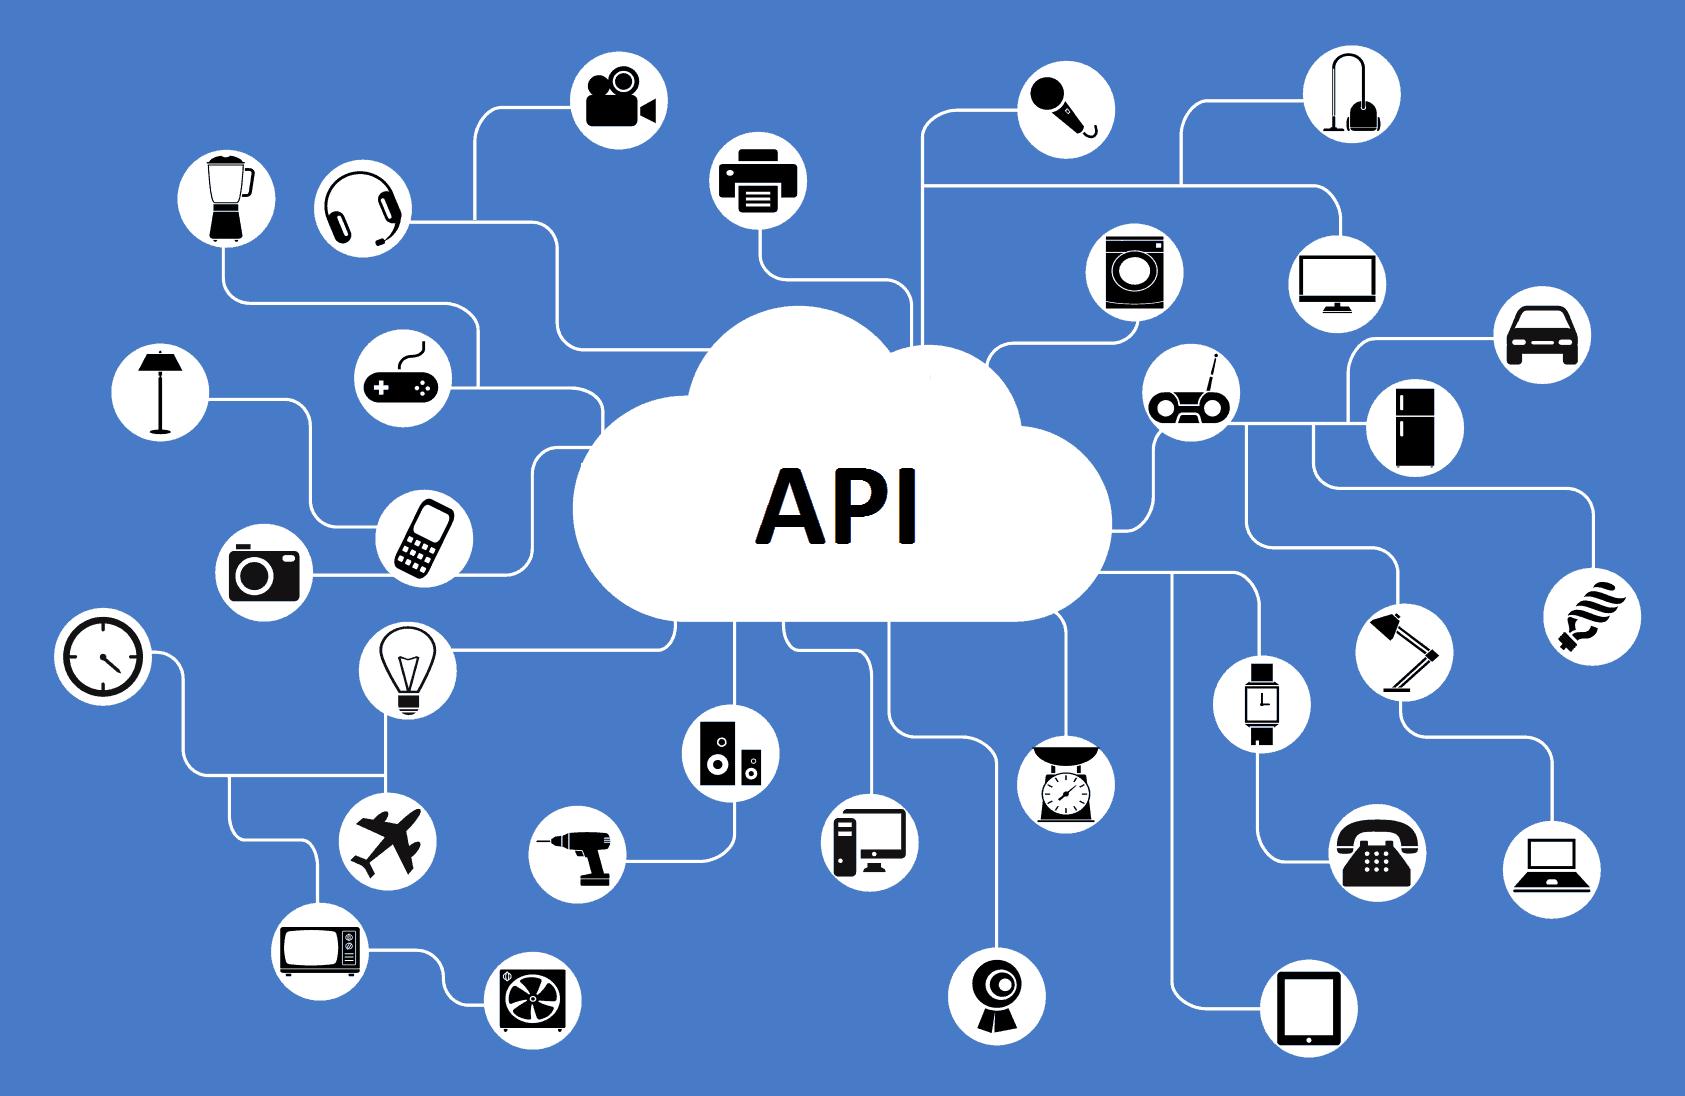 O Que São API's E Portque Você Deve Se Importar Com Elas?